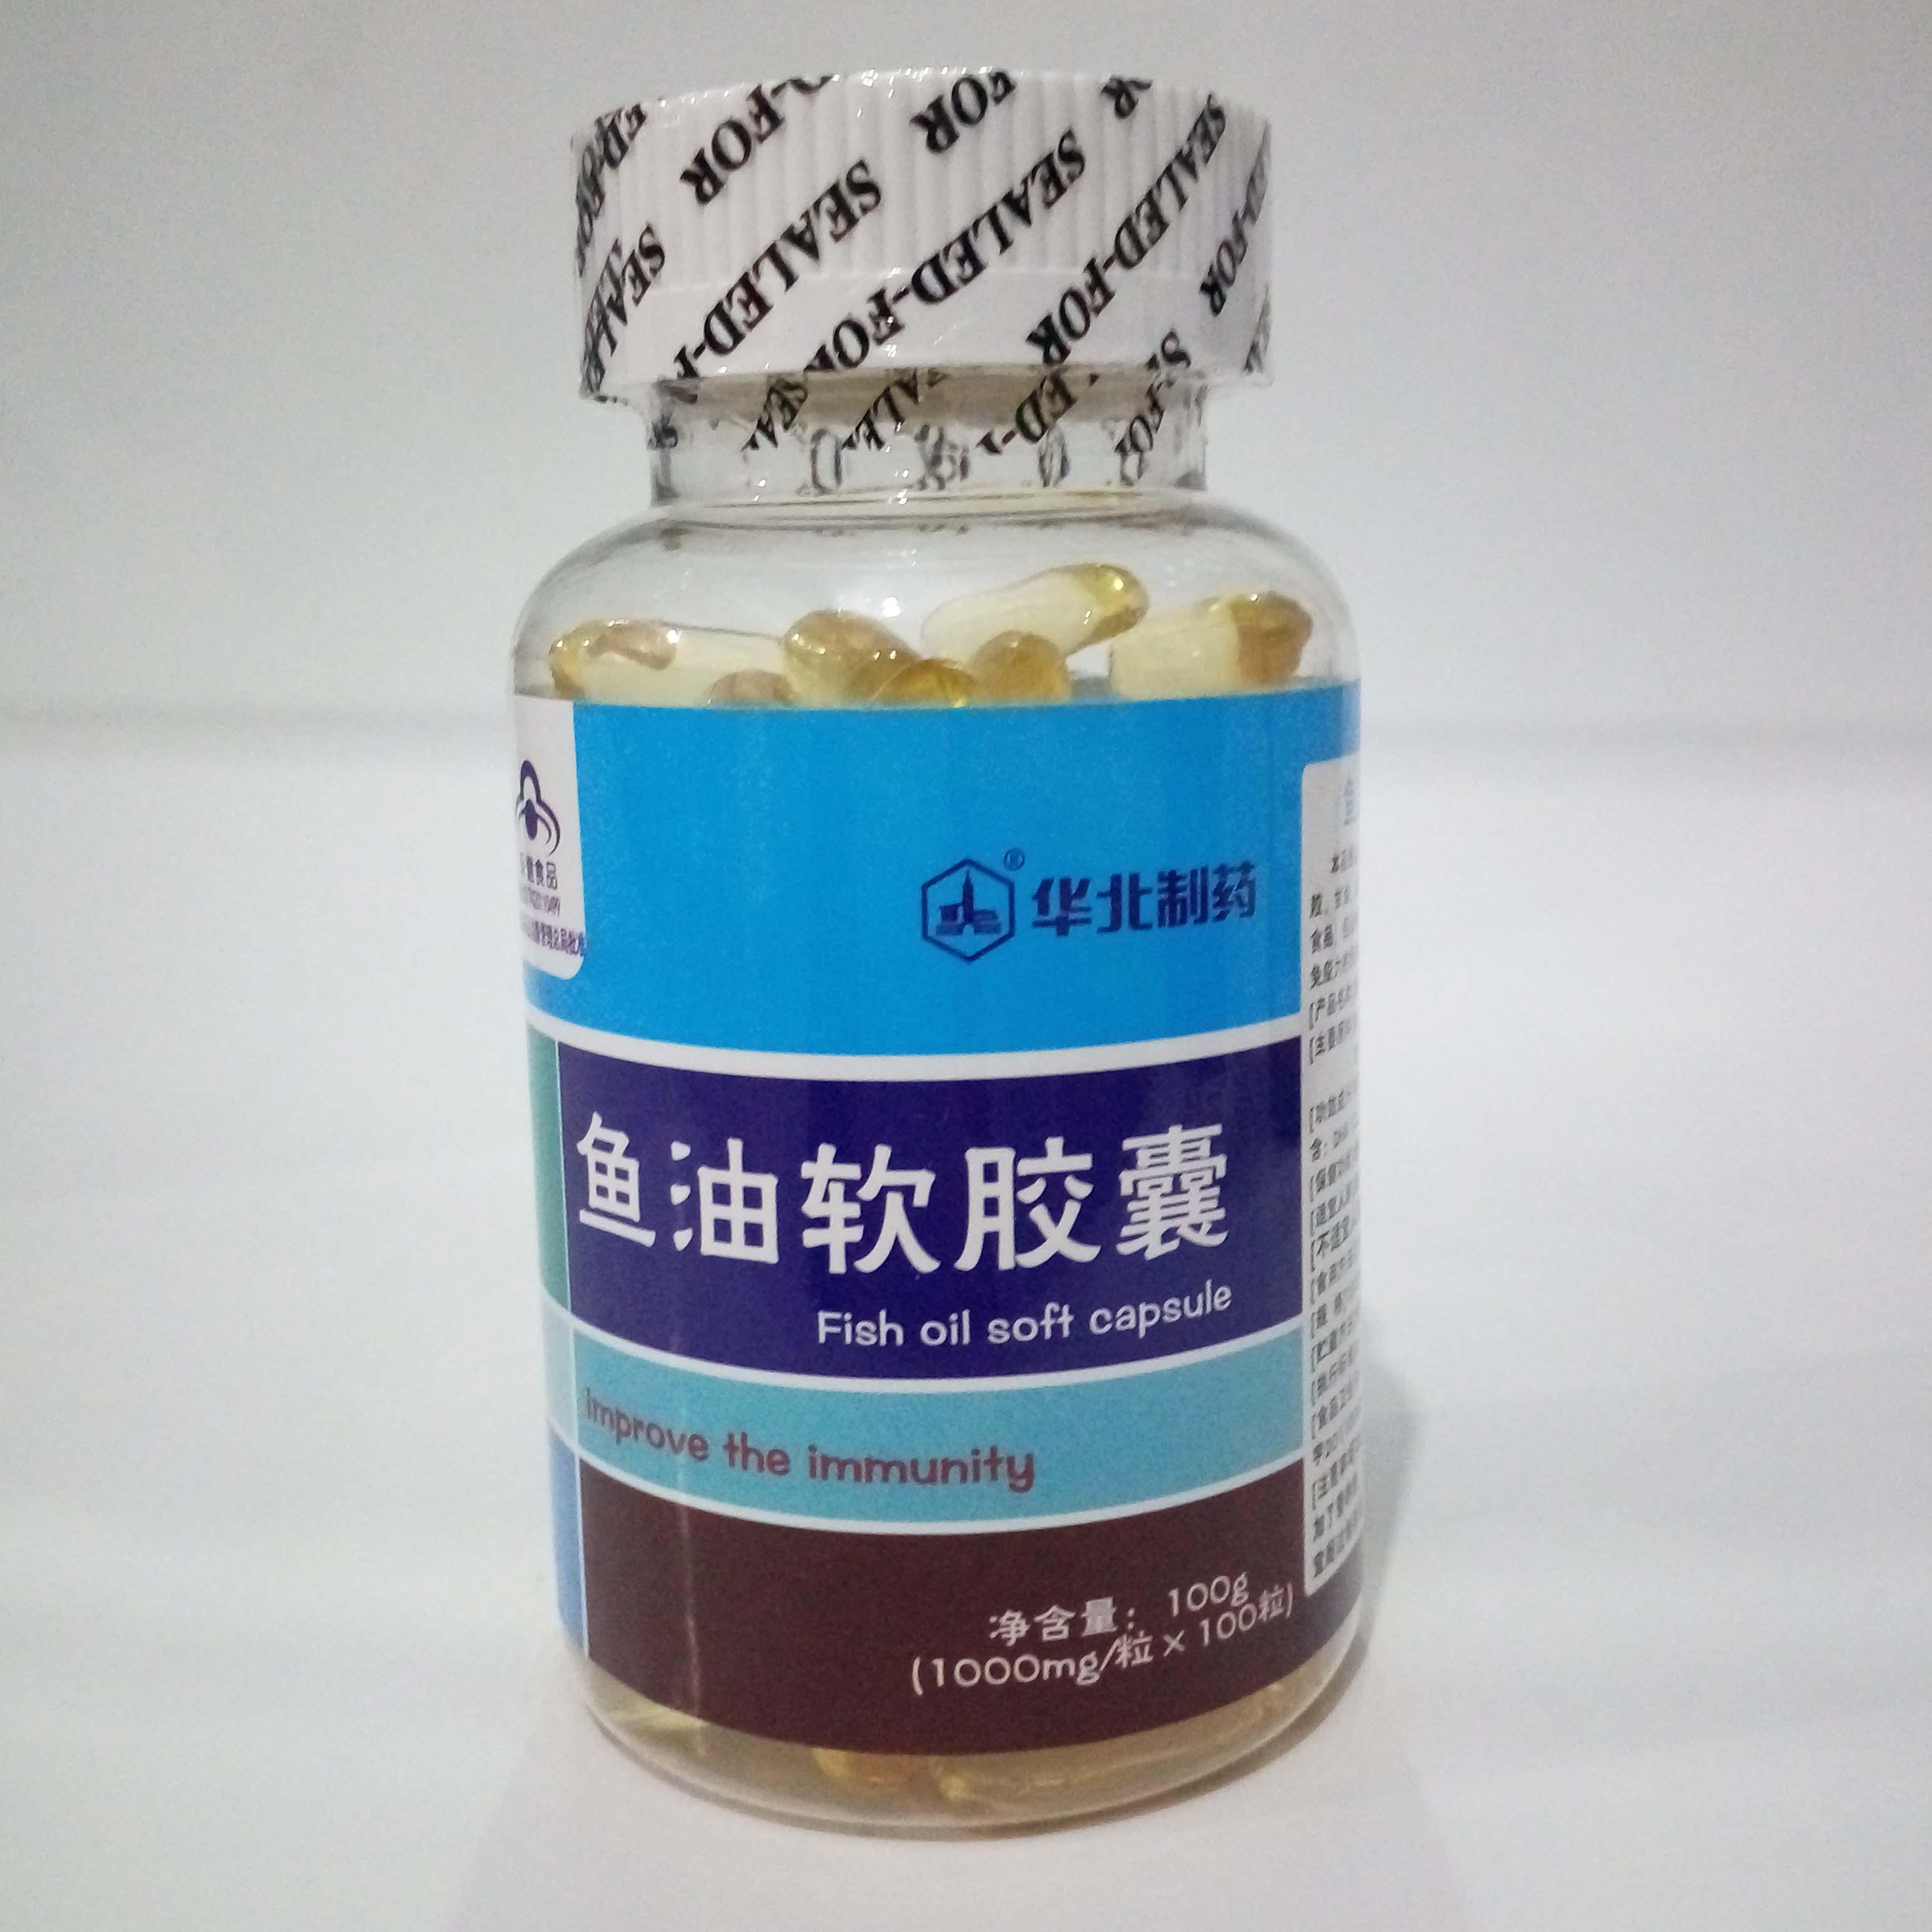 鱼油软胶囊